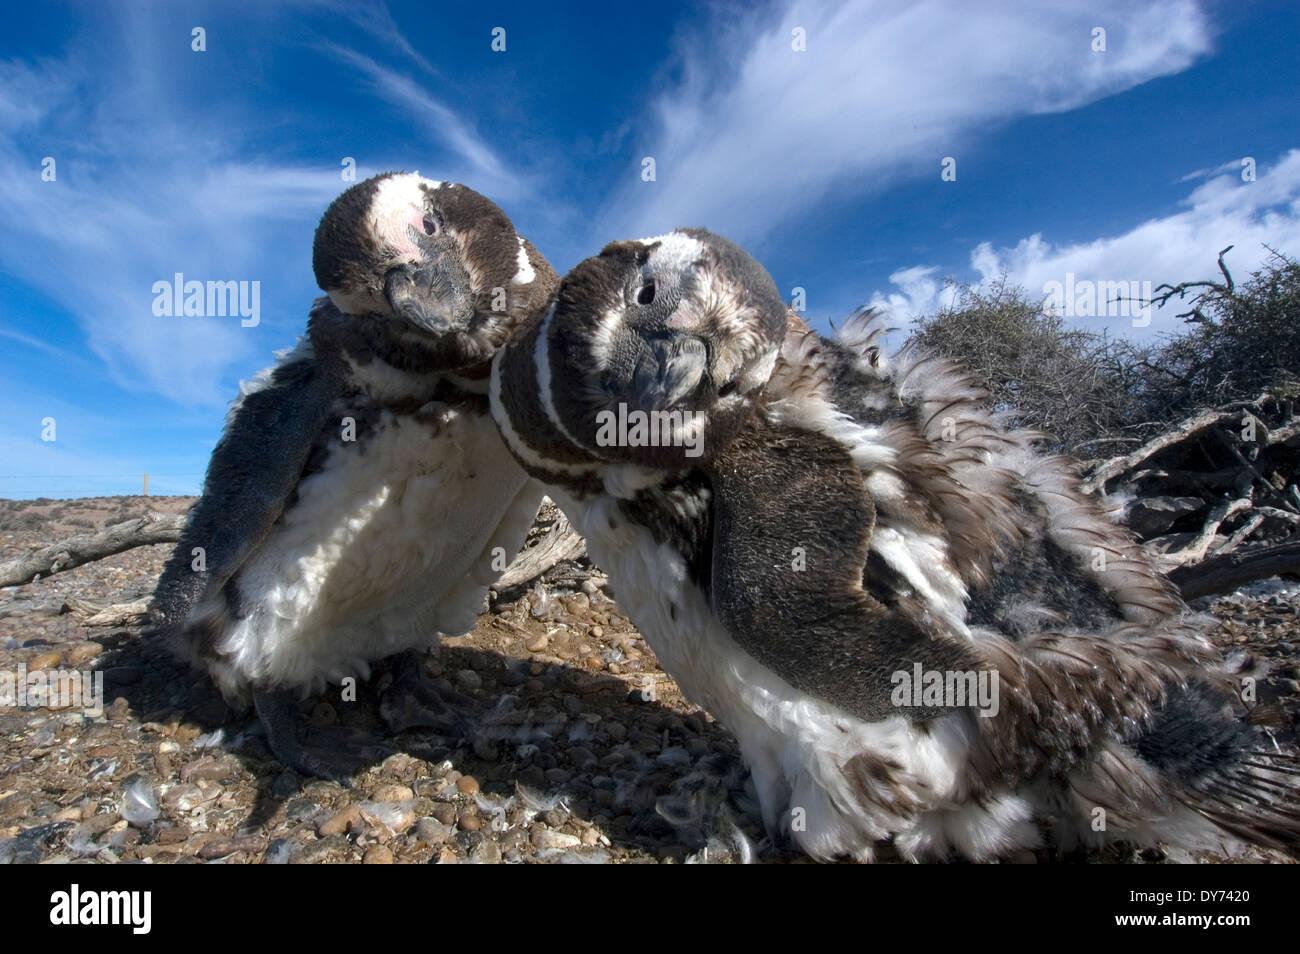 Two Magellanic Penguins, Spheniscus magellanicus, in the Punta Tombo Penguin Colony, Rawson, Argentina Stock Photo